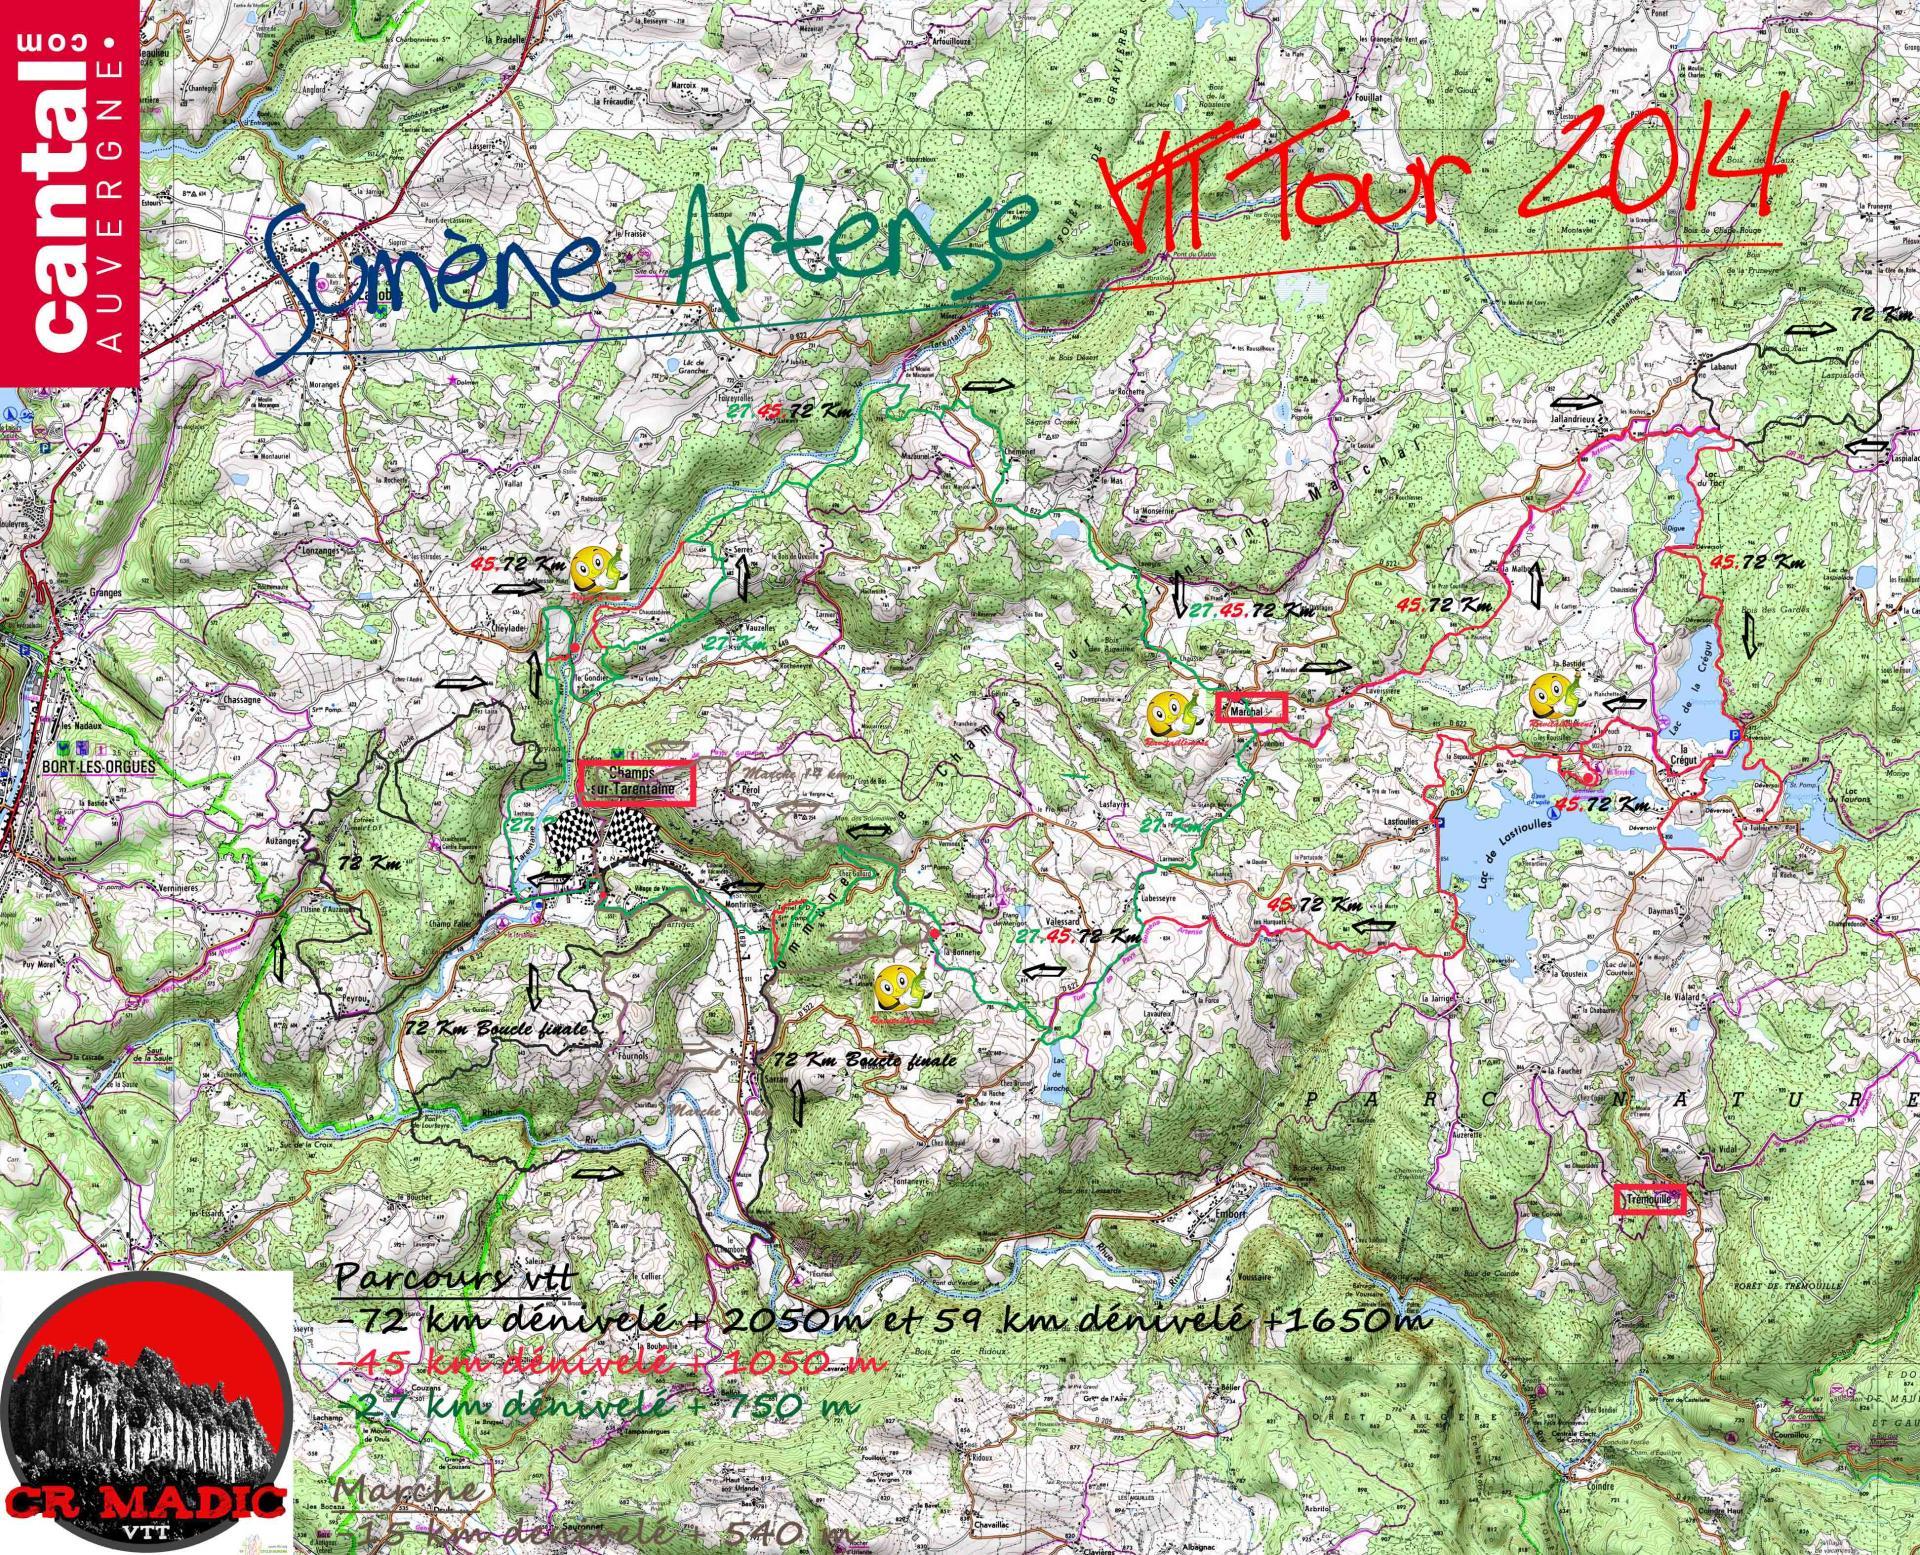 2014 trace savtt tour v2l